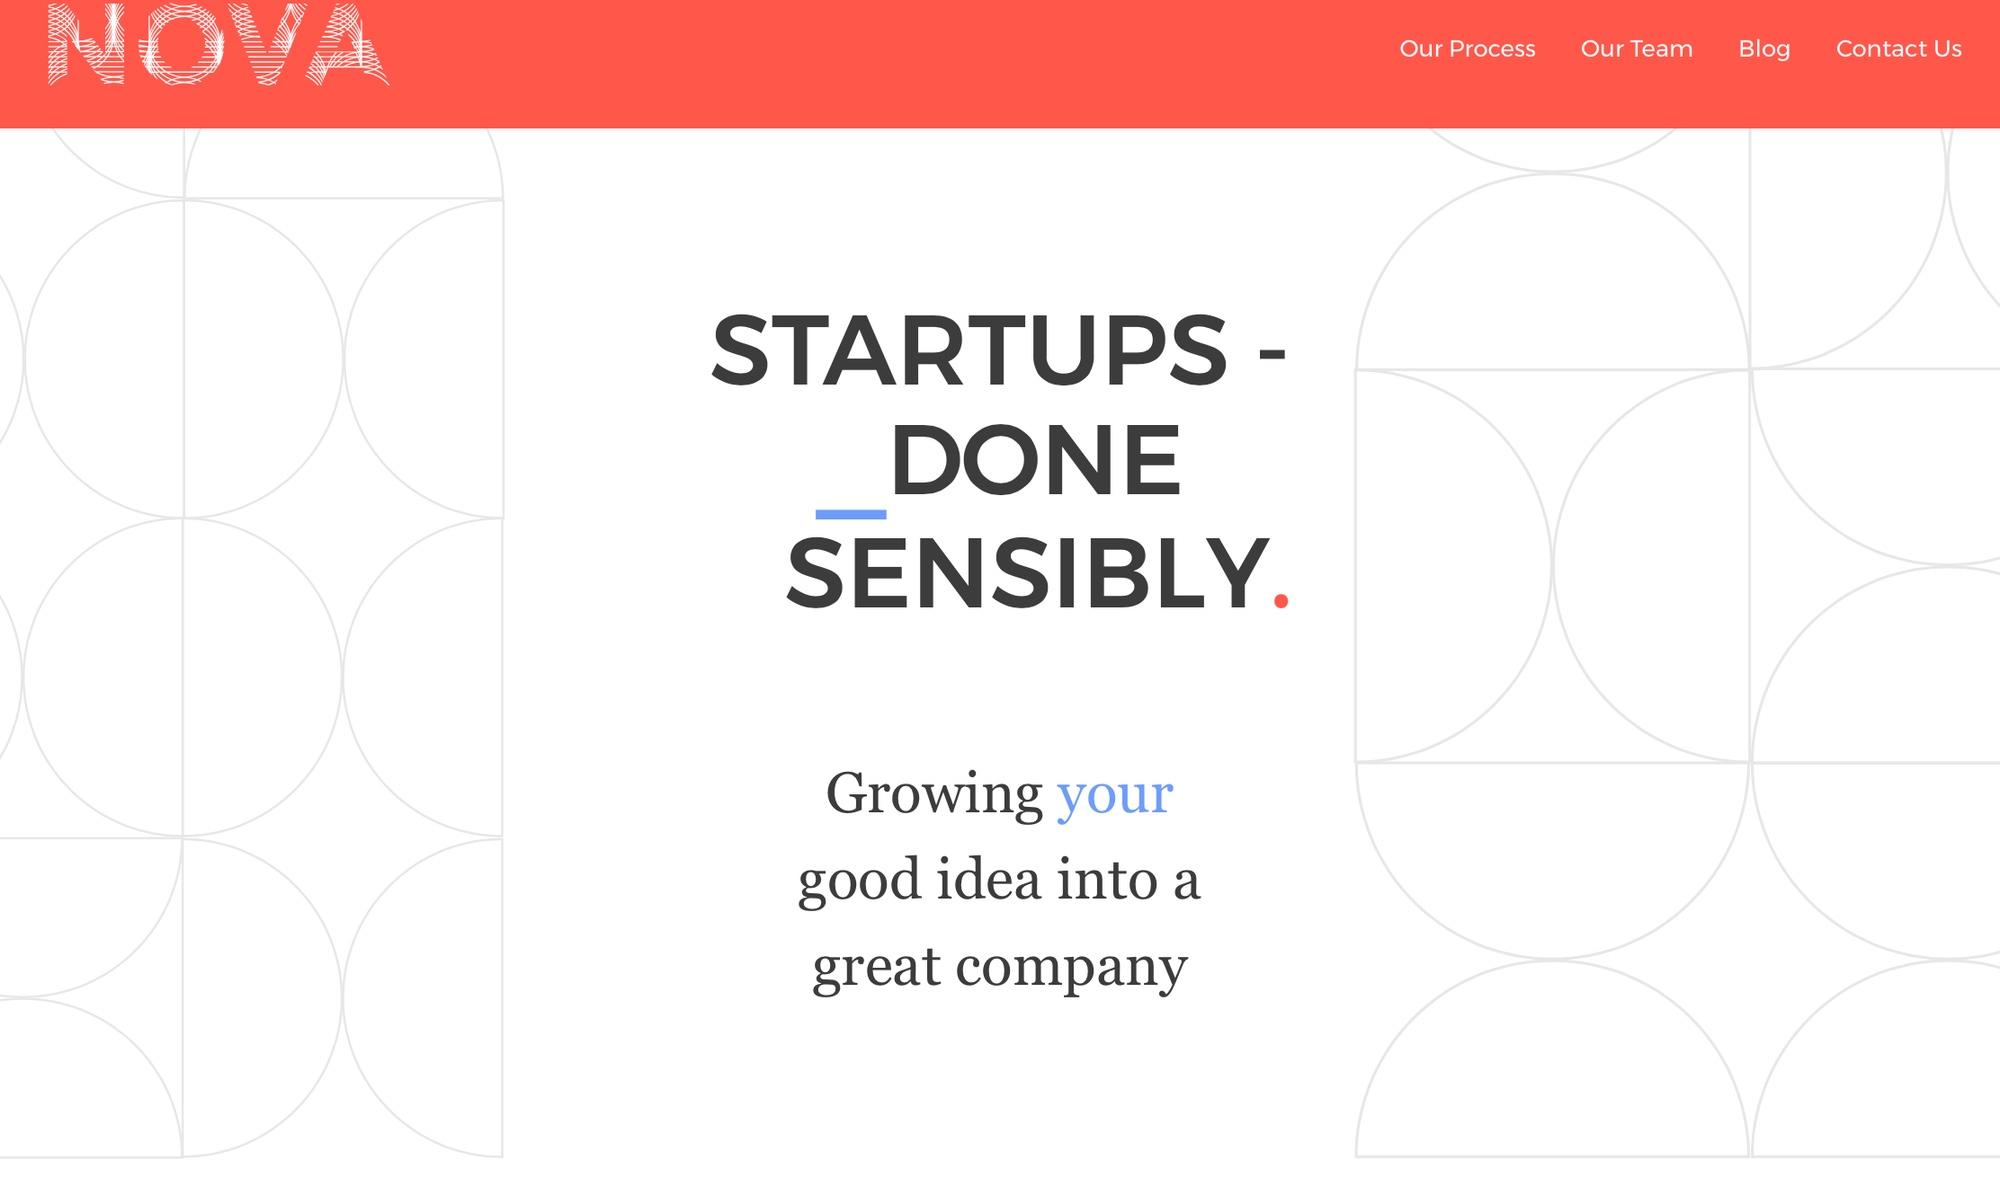 Nova website